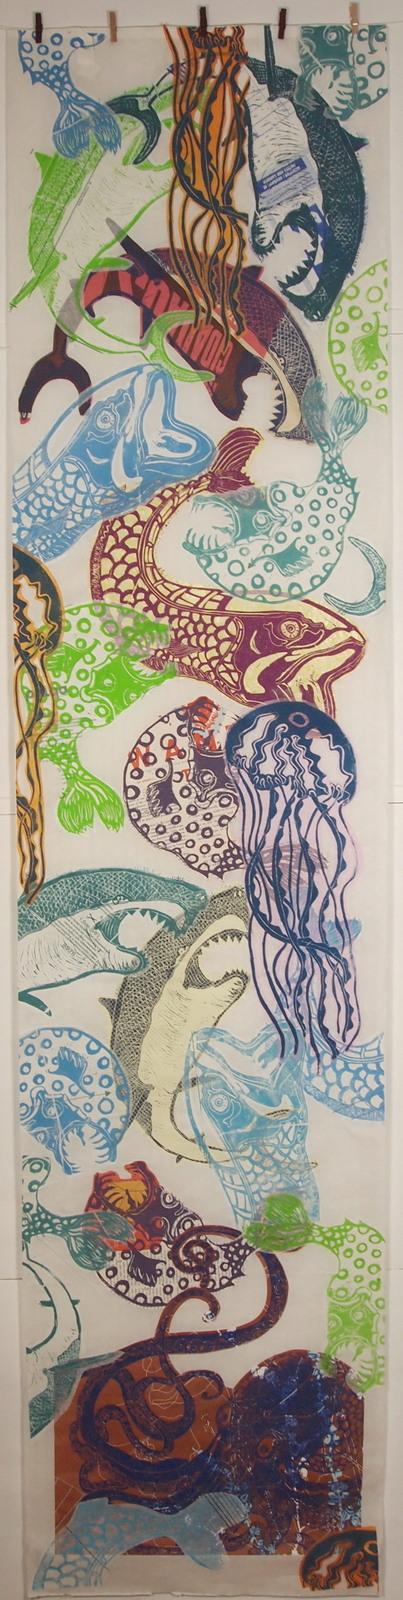 les poissons 35x200cm papier wenzhou . impressions et collages - non disponible - juin 2011